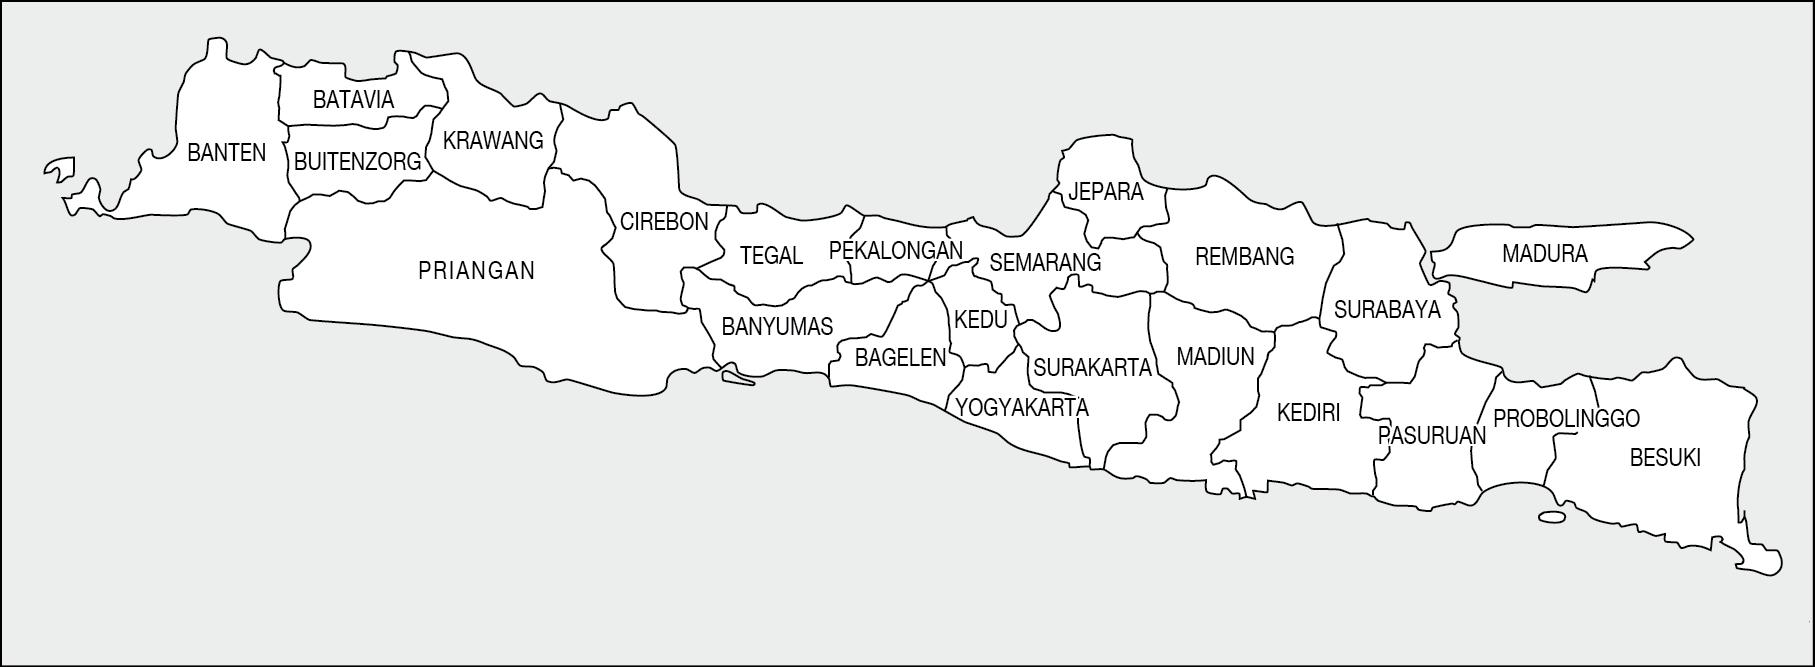 Peta Pulau Jawa Lengkap Jawa Tengah Barat Timur Banten Dki Jakarta The Book